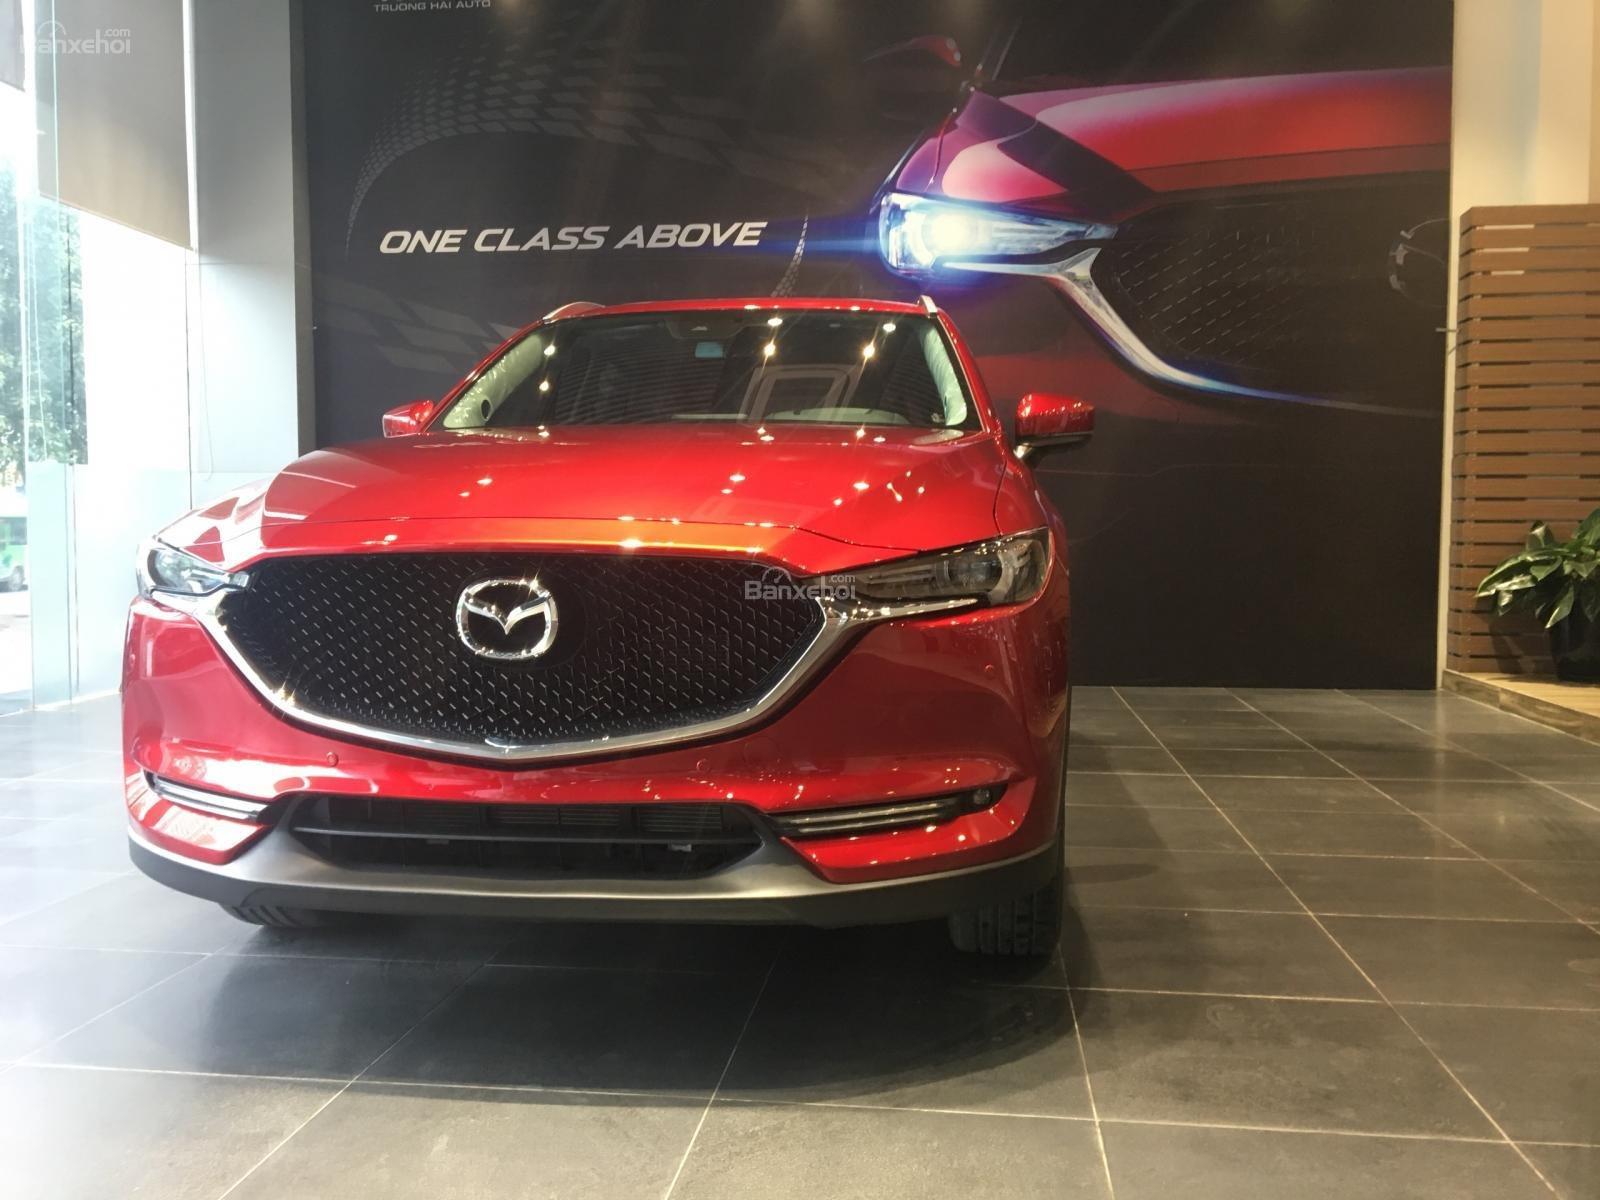 Bán Mazda CX5 giảm giá khủng đến 30tr + tặng nhiều phụ kiện có giá trị, hỗ trợ trả góp, lh 0948.12.02.88-0